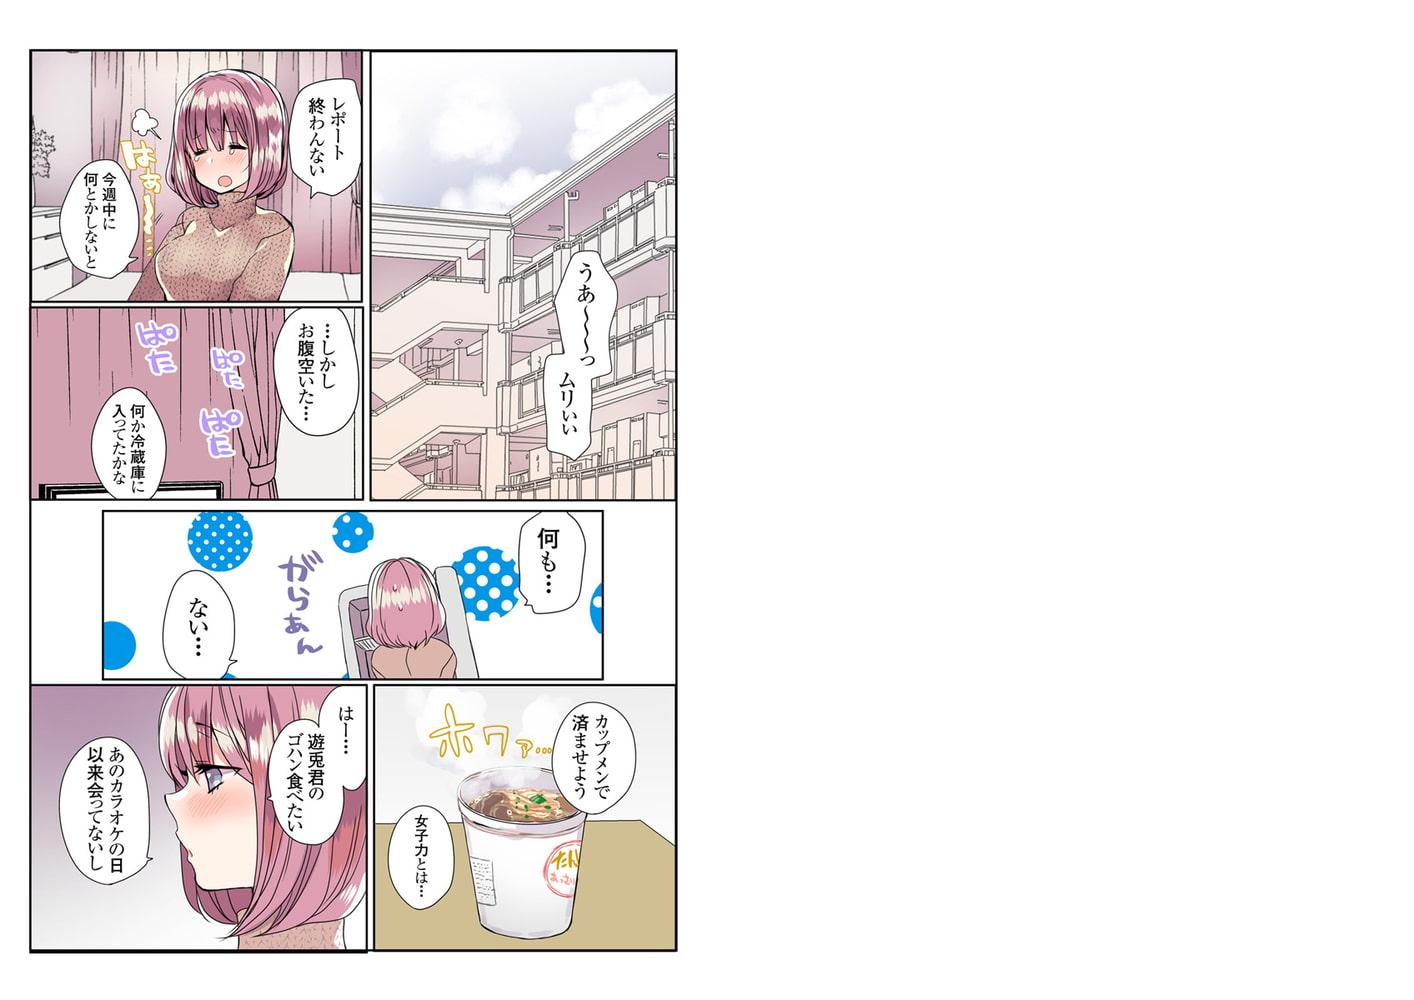 ヤンデレ彼氏とイケないエッチ~嫉妬とピストンが止まらない!?~ 3巻